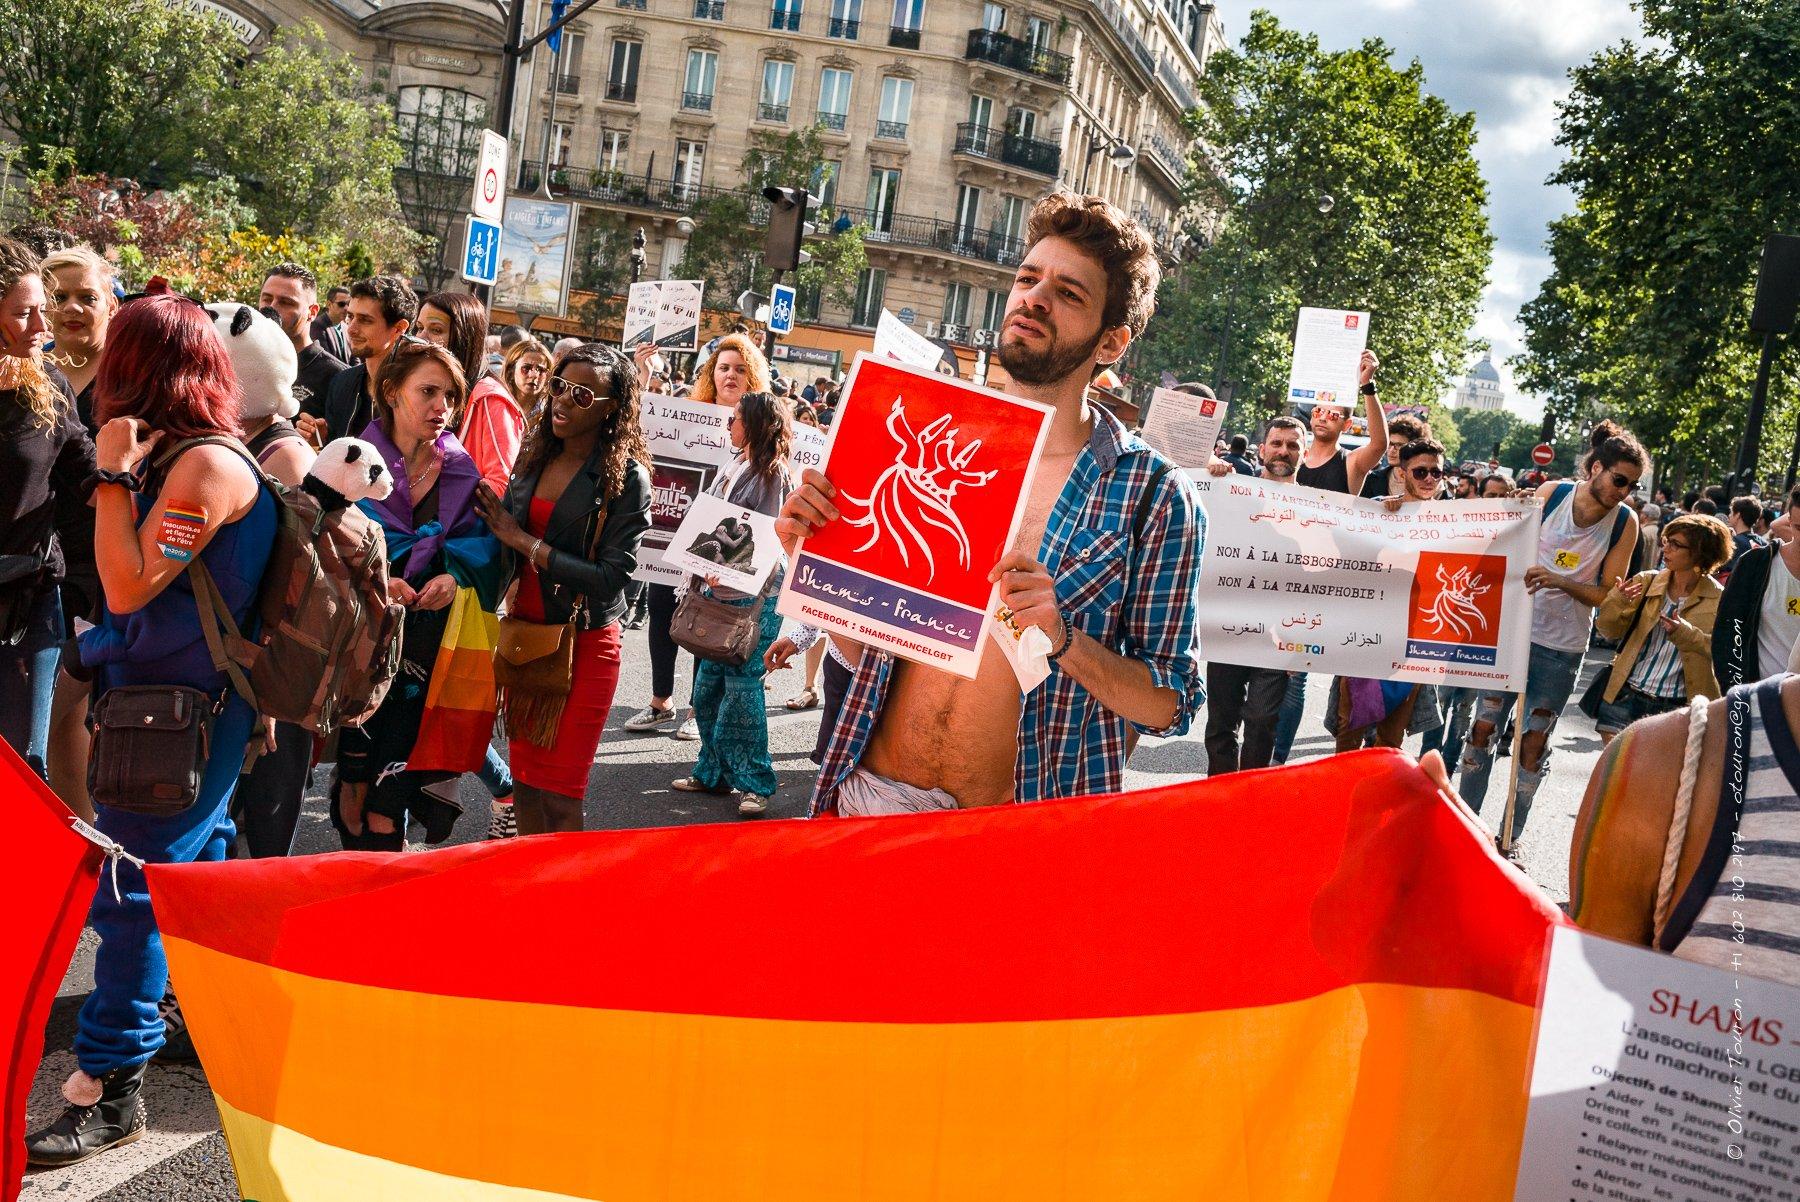 02 juillet 2016. Paris. Les associations MALI et SHAMS-France défilent pour la marche des fiertés entre le Louvre et la place de la Bastille. Elles luttent pour la fin de la pénalisation de l'homosexualité au Maghreb et au Machrek. Hedi vice-président de Shams-Tunisie est demandeur d'asile après avoir fuit son pays suite  à des menaces de mort. // © Olivier Touron / Divergence